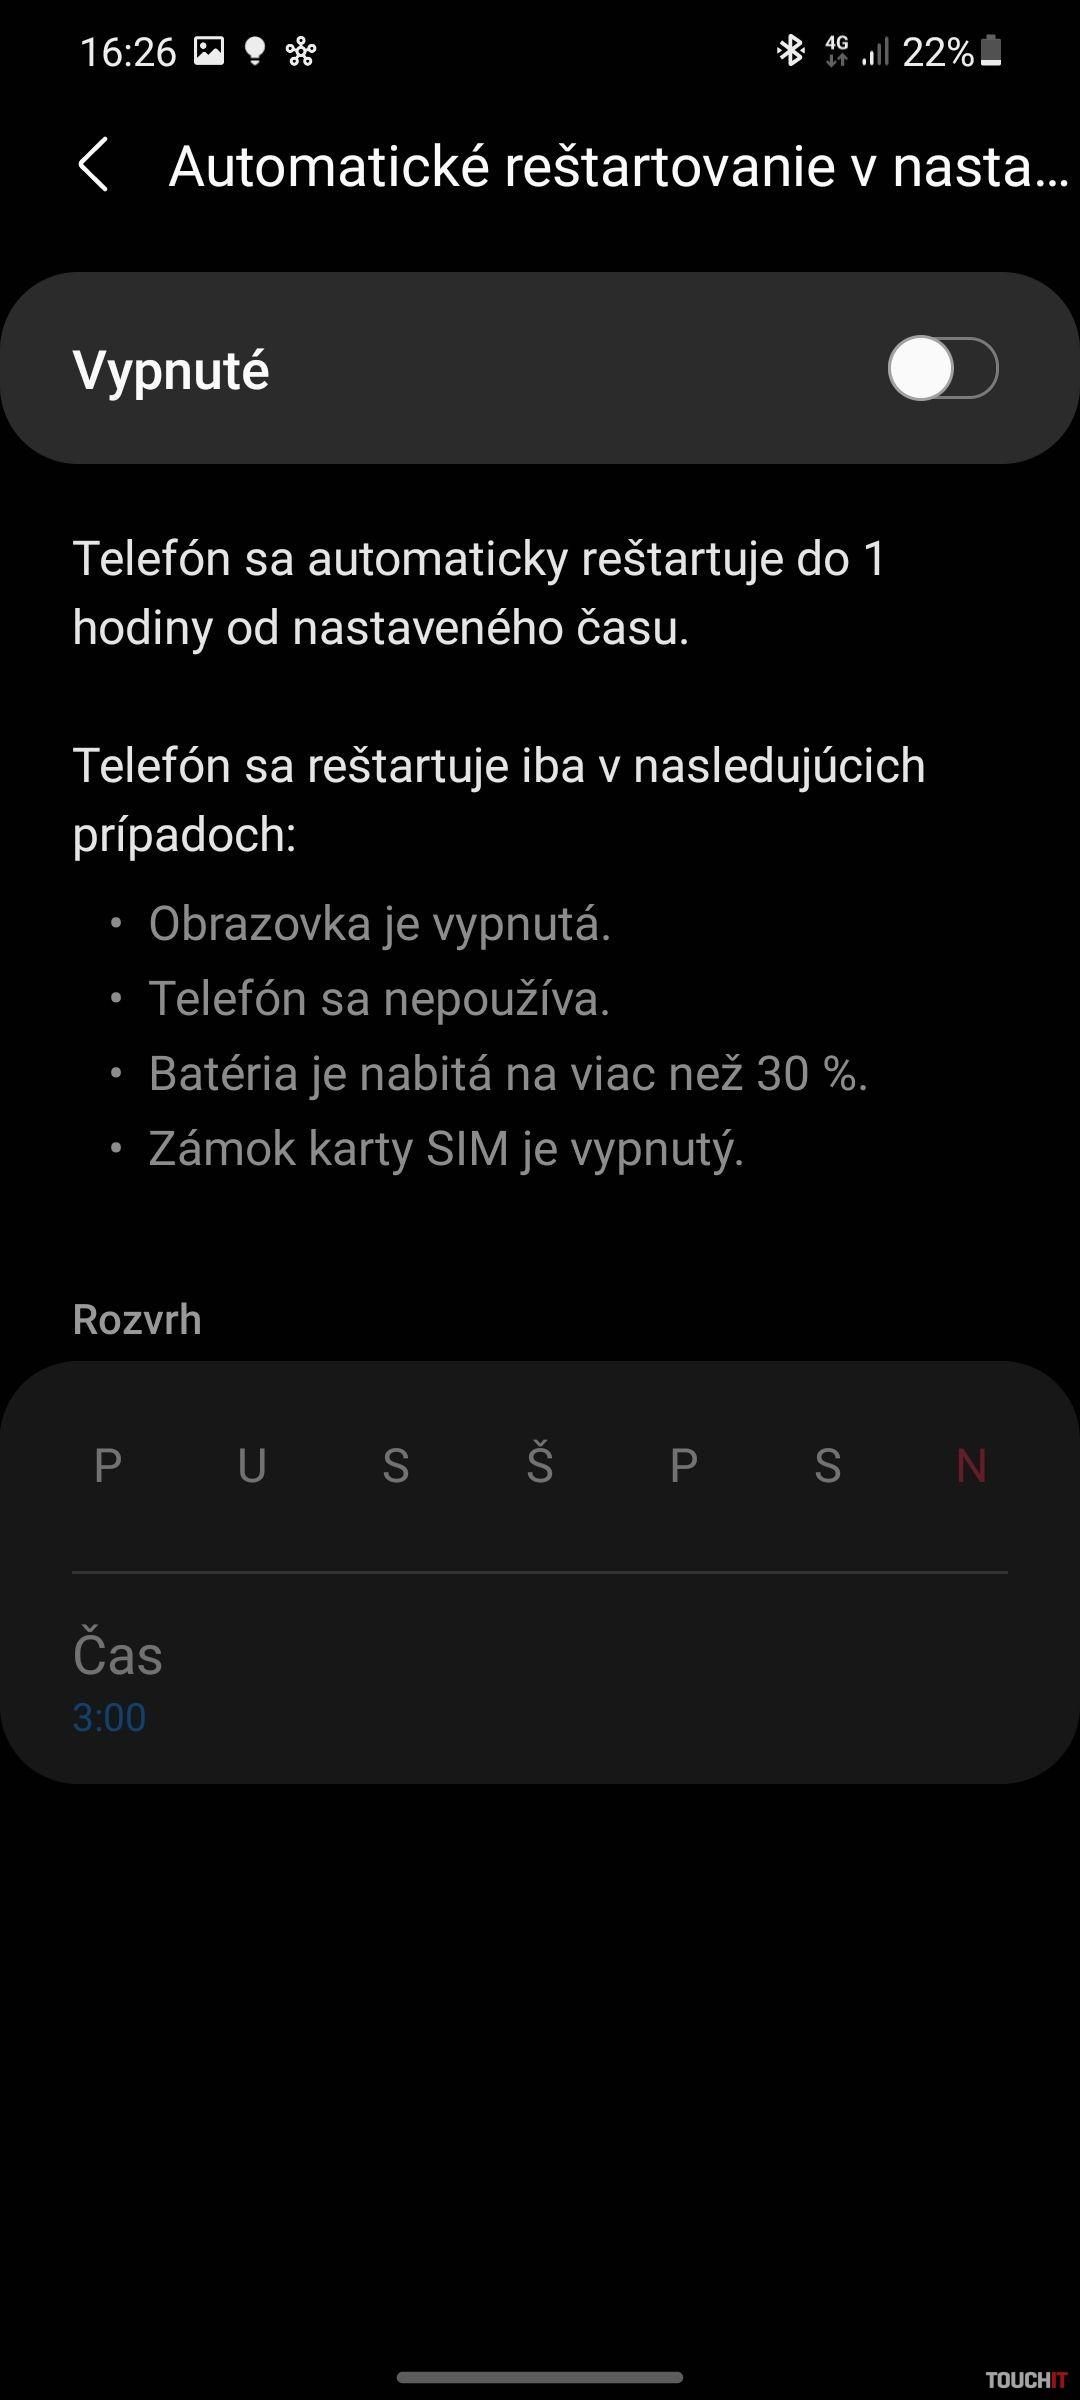 Začíname s Androidom